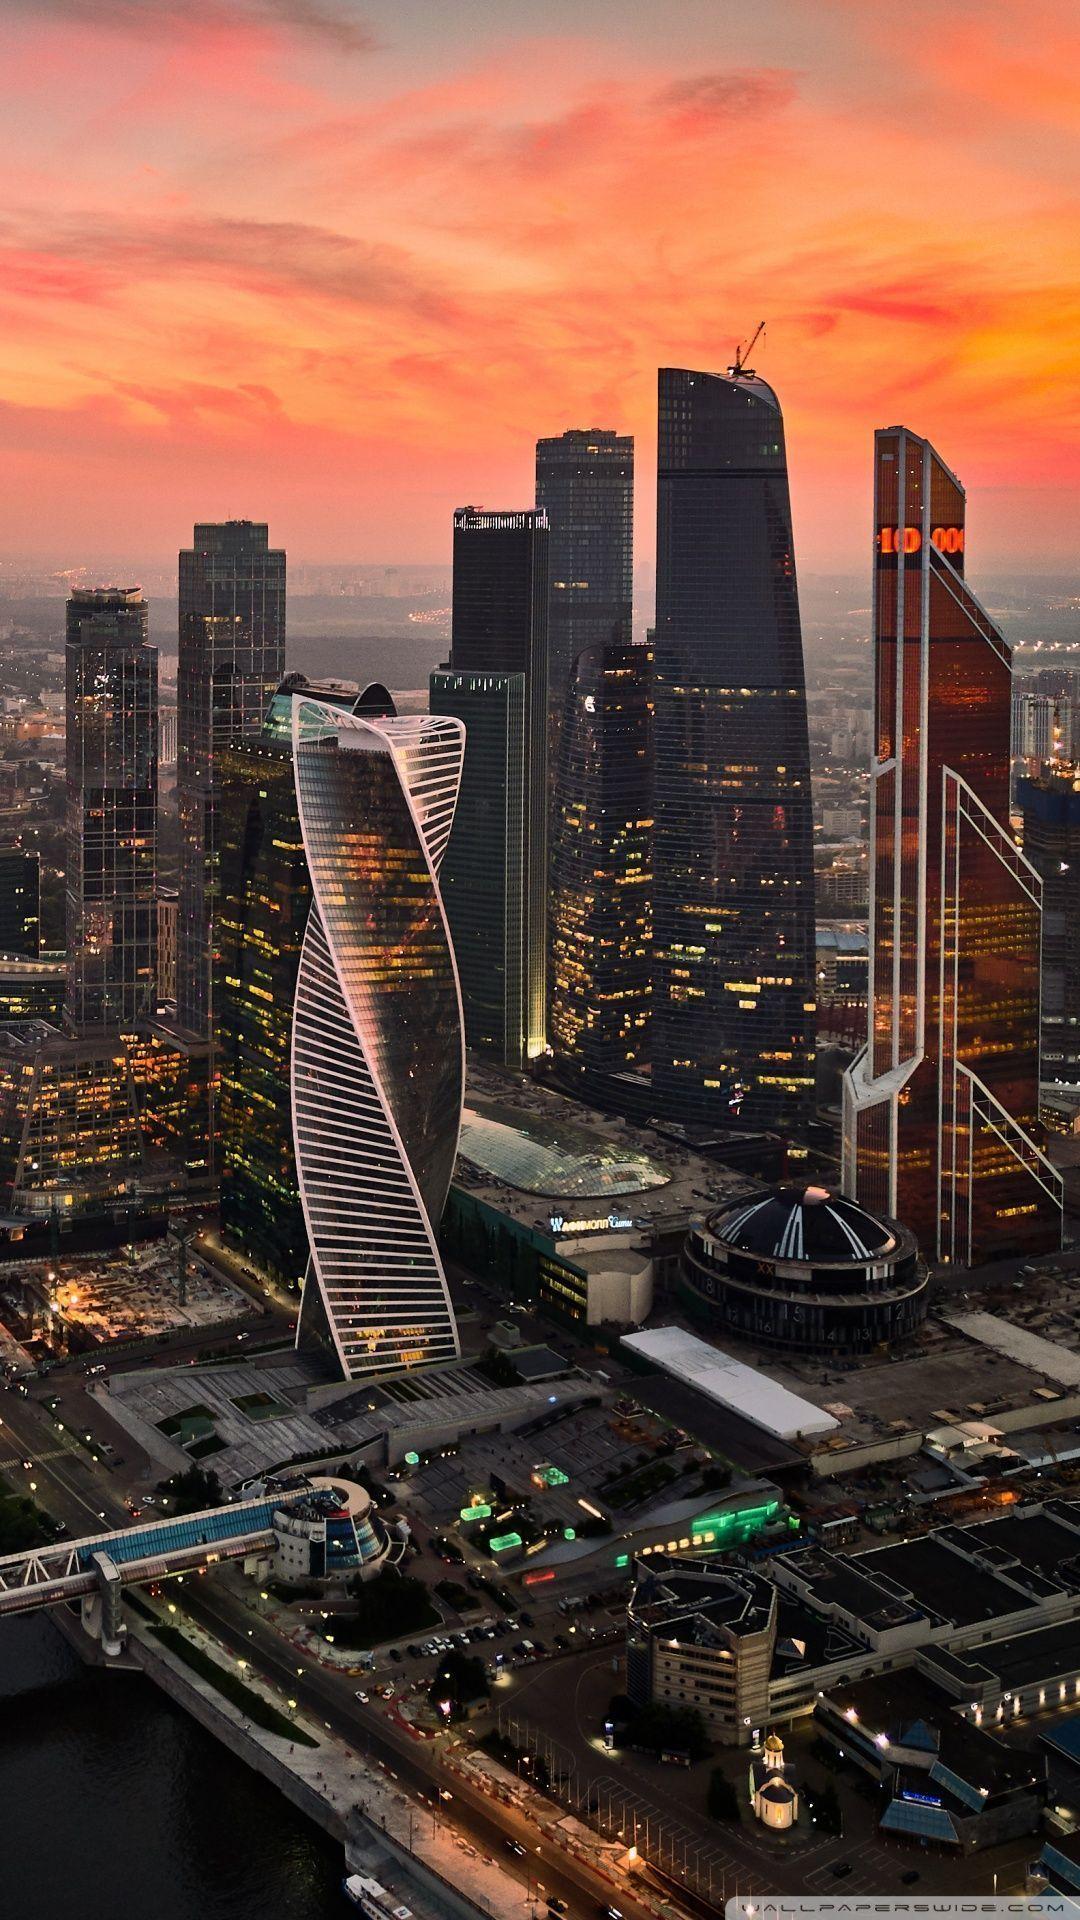 10 Mega City Background Hd Wallpaper Paisajeurbano Con Imagenes